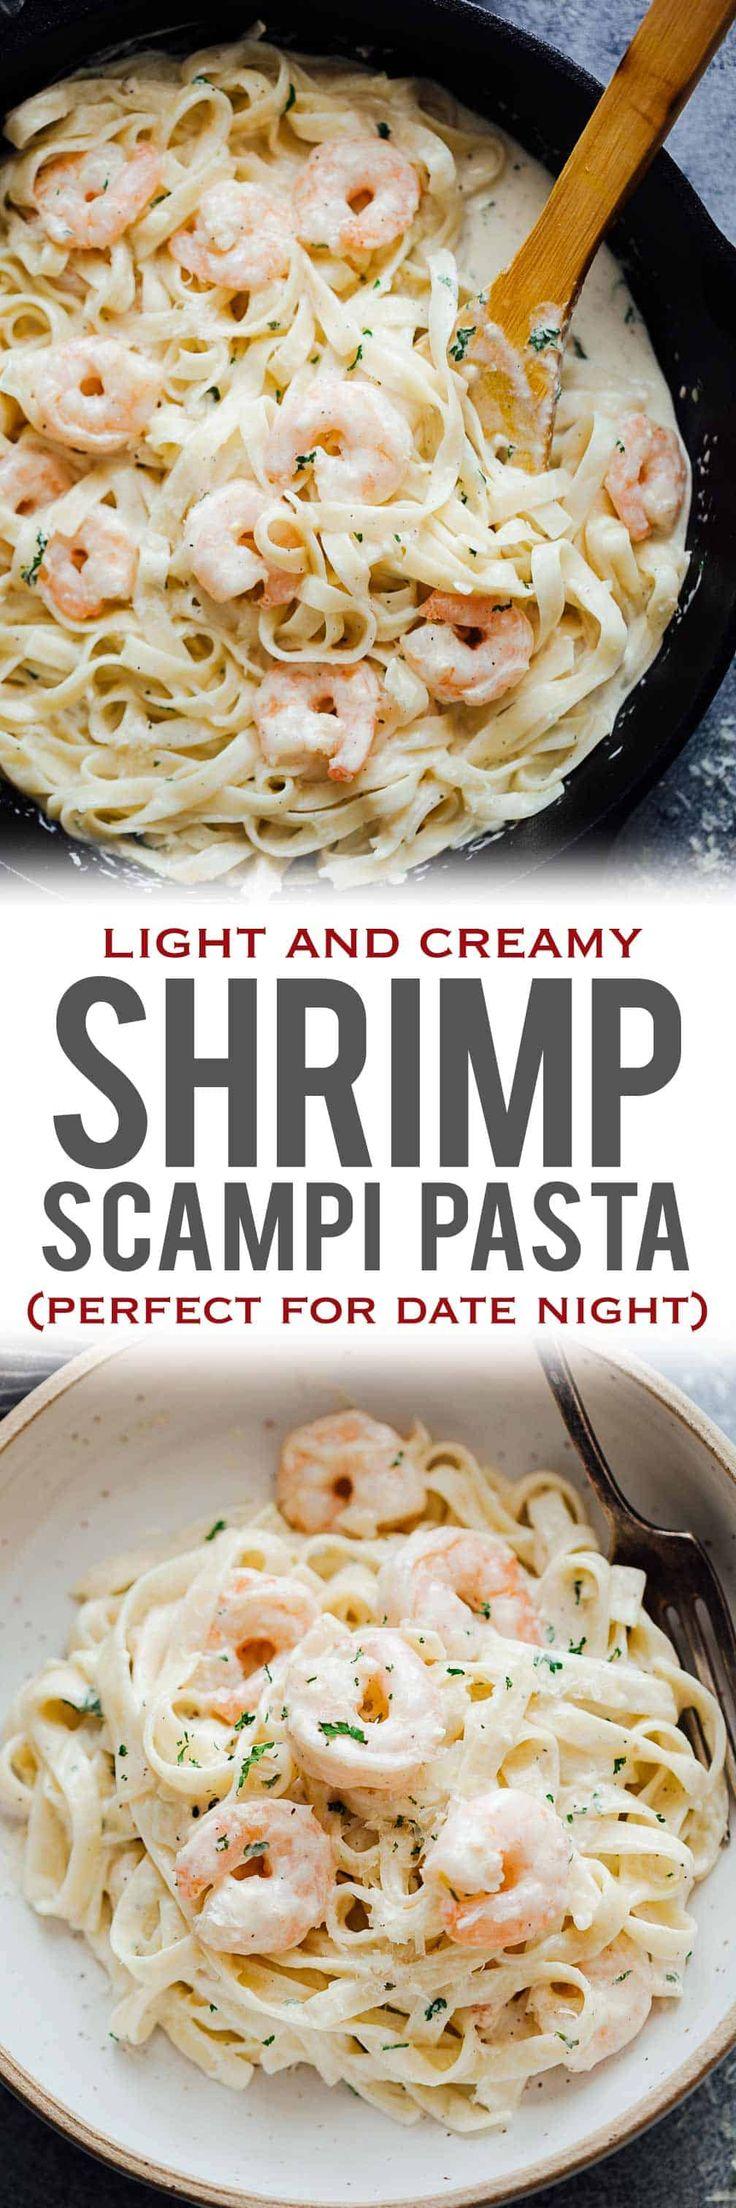 Creamy Prawn Scampi Pasta (Step by Step Video)